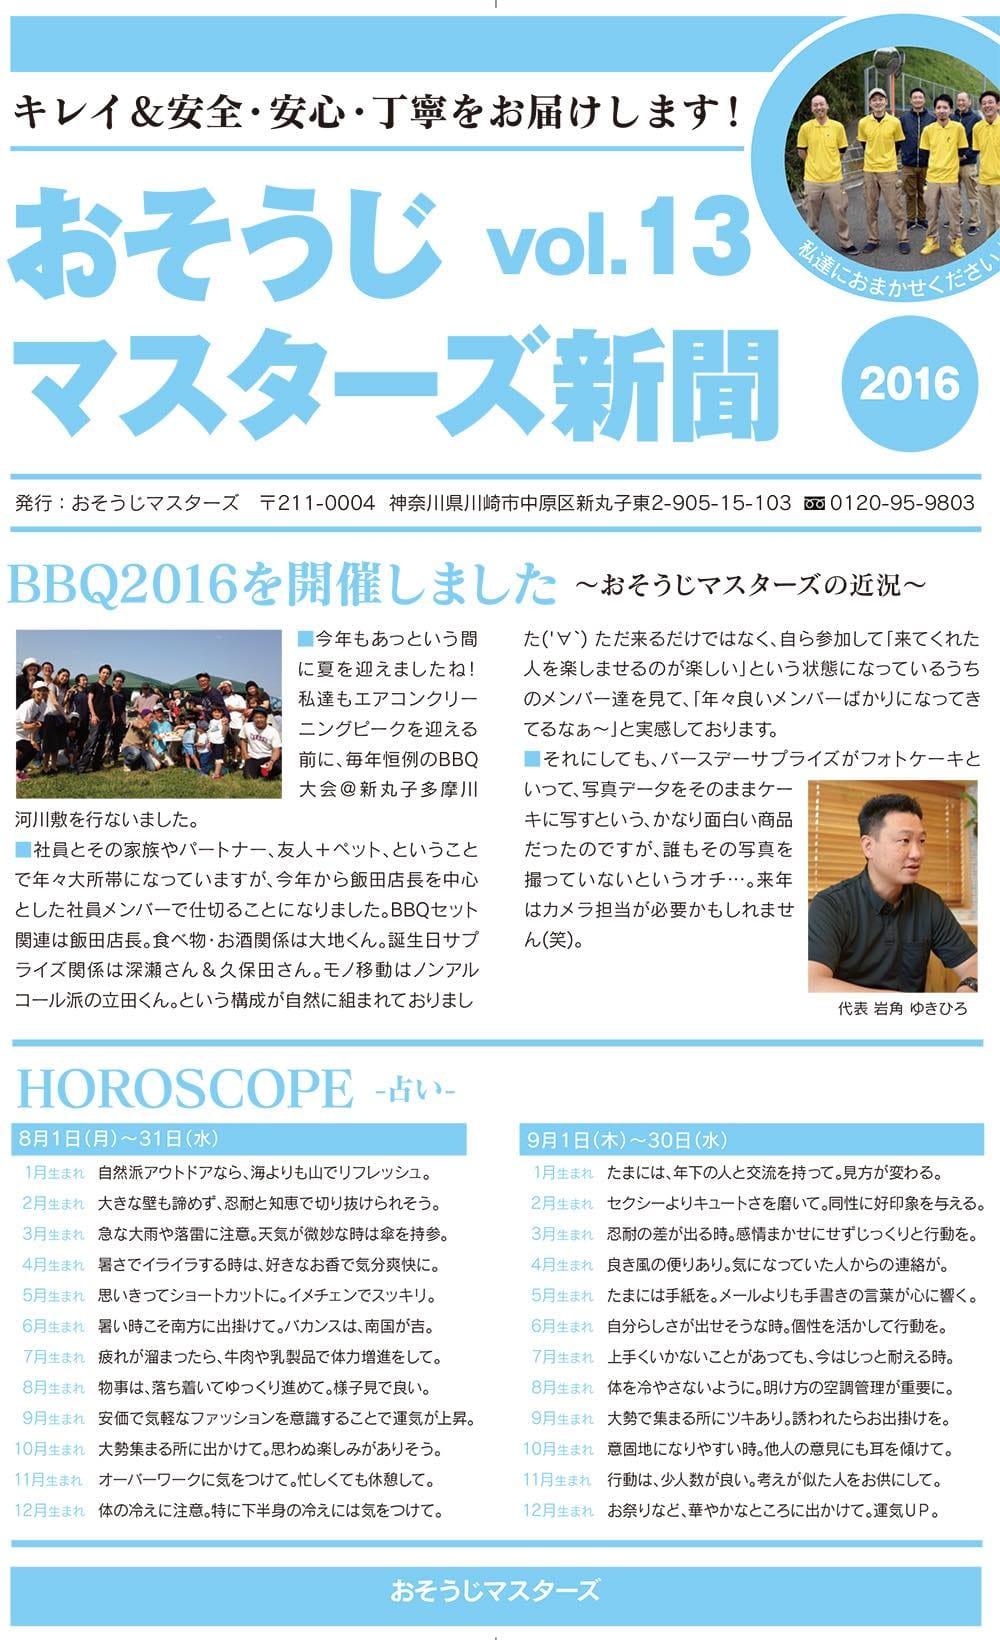 【ニュースレター】おそうじマスターズ新聞 Vol.13